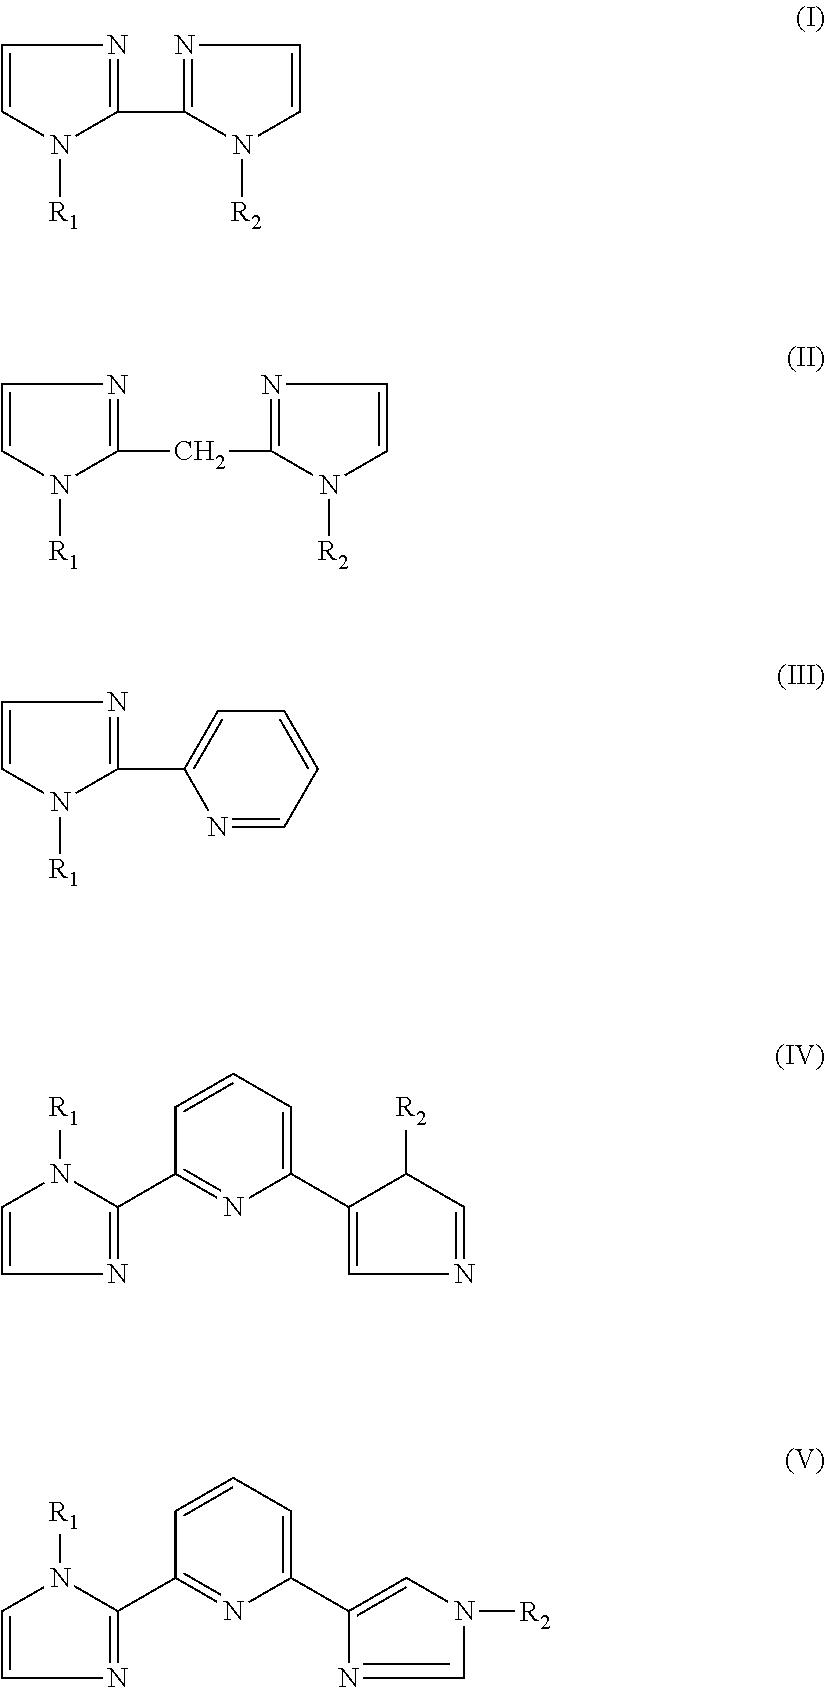 Figure US20180128767A1-20180510-C00001